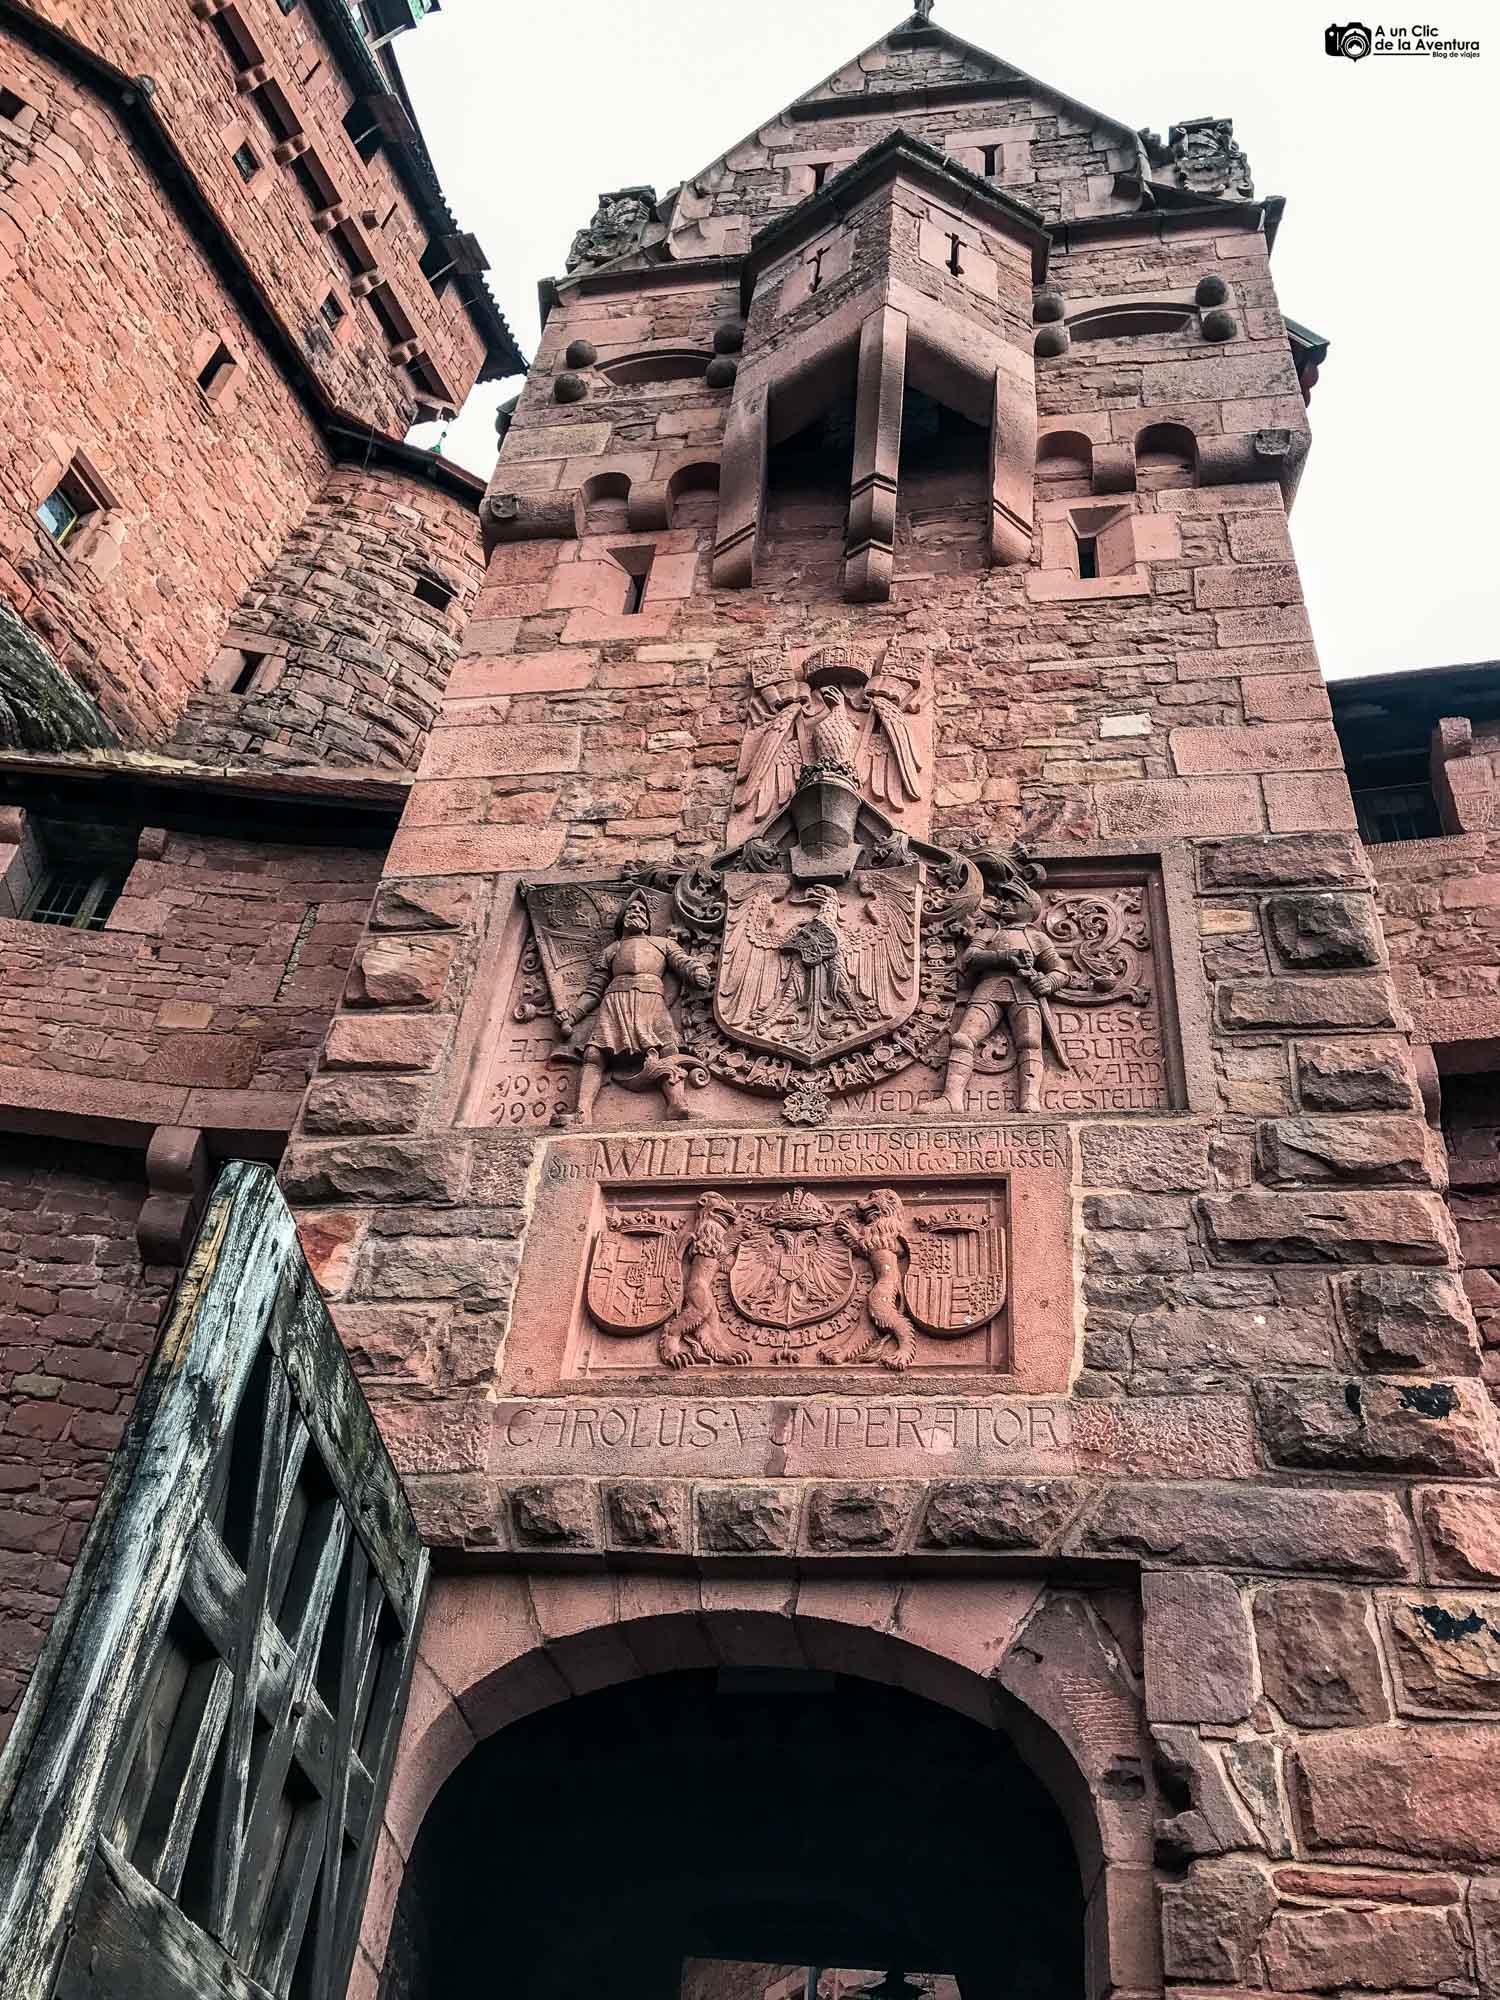 Puerta de Honor del Castillo de Haut-Koenigsbourg